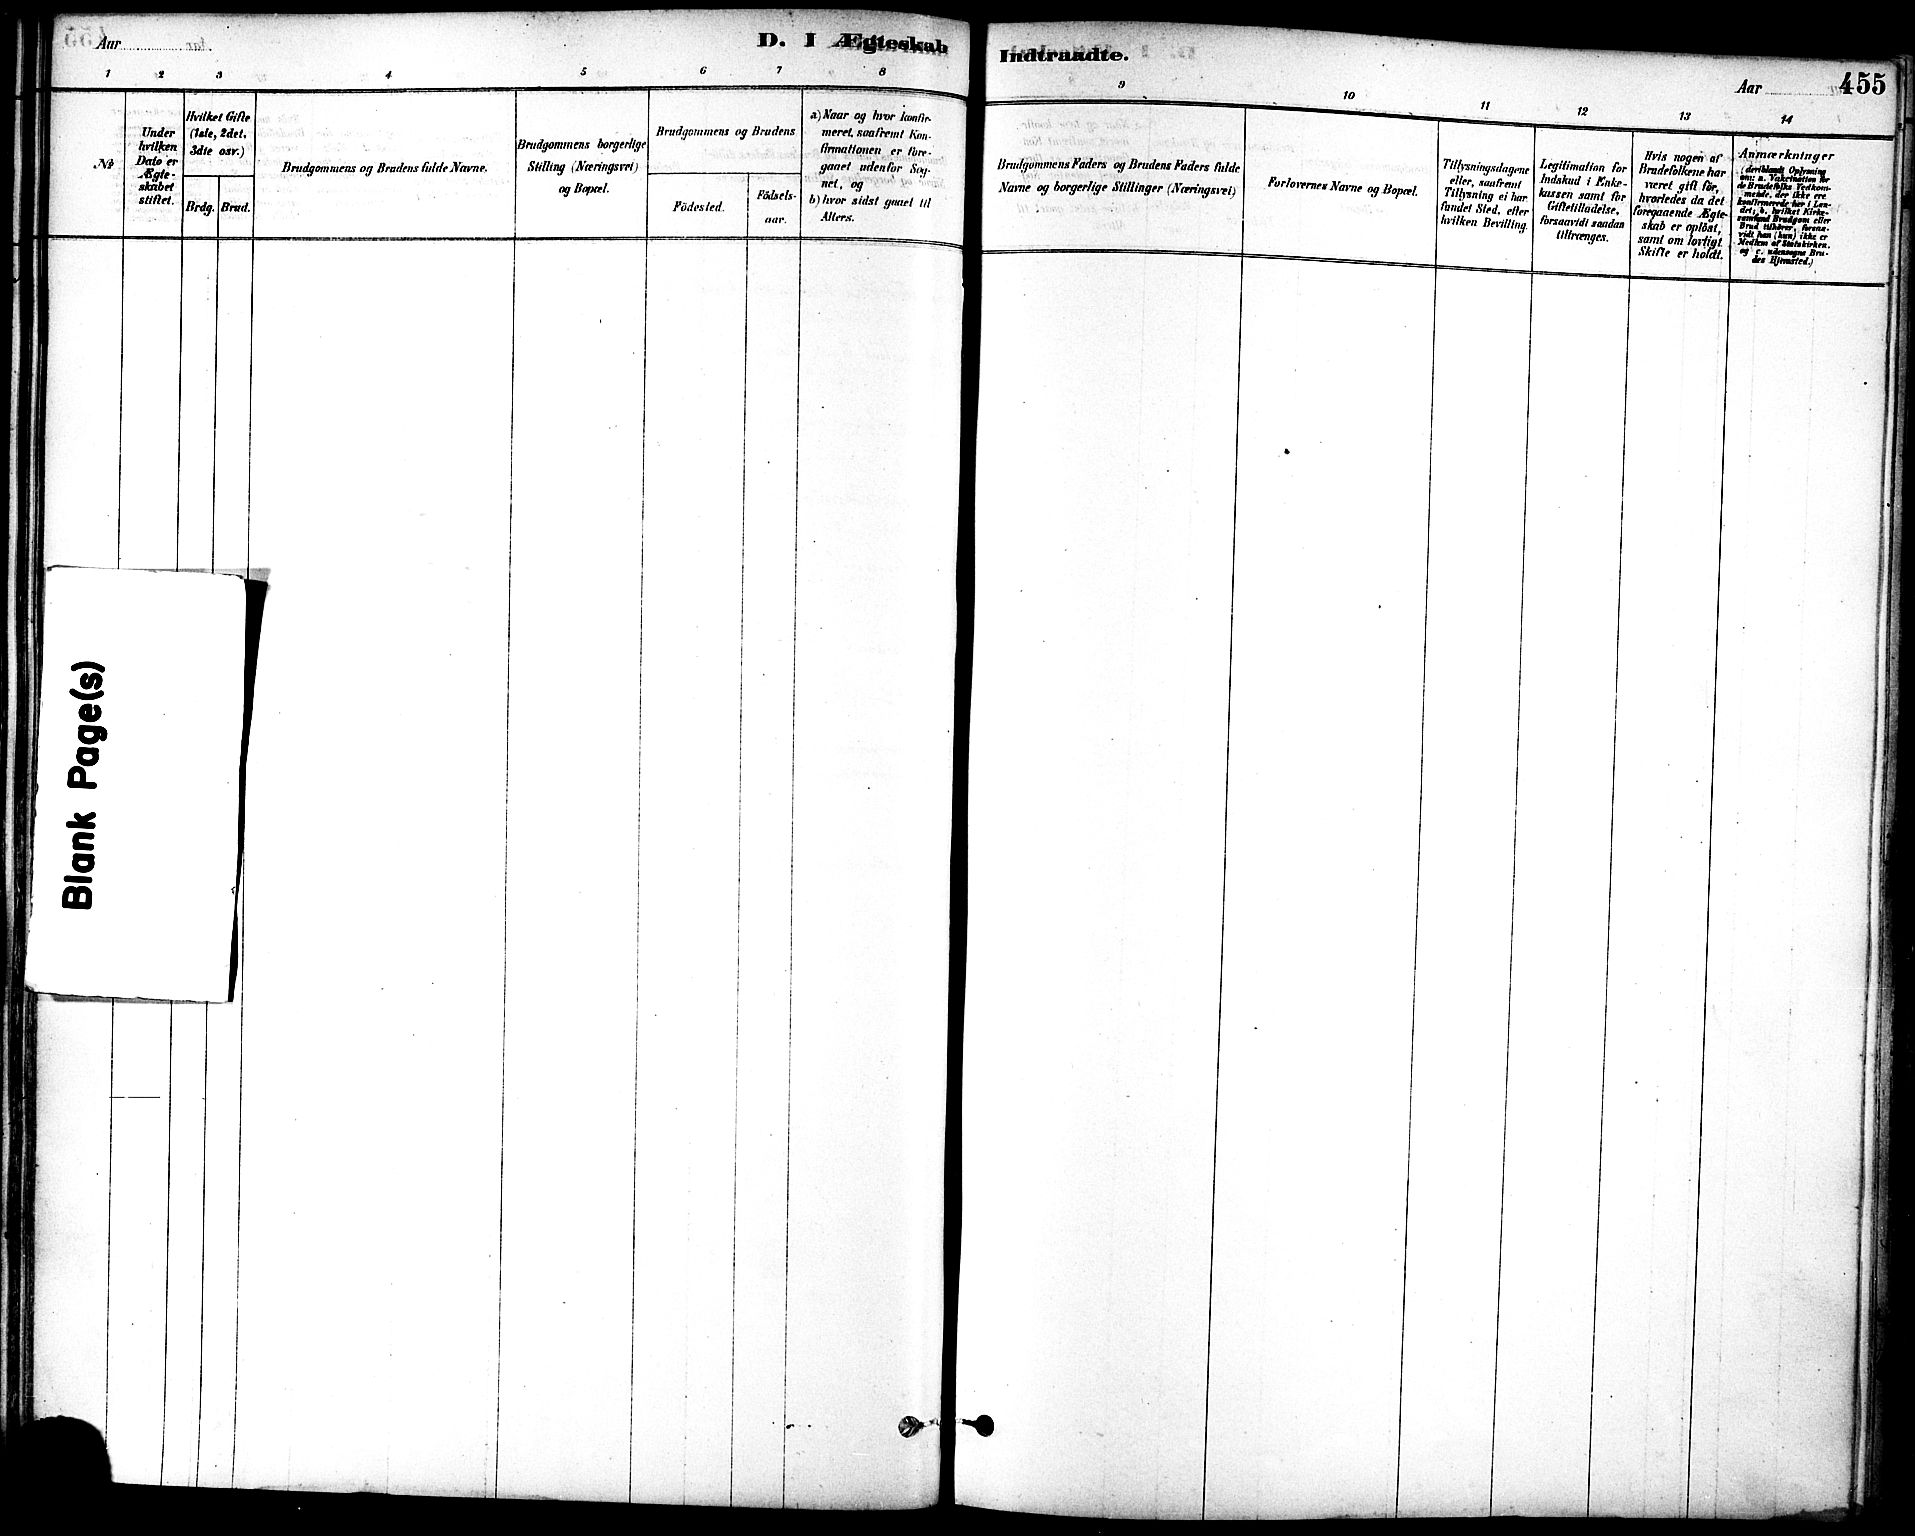 SAT, Ministerialprotokoller, klokkerbøker og fødselsregistre - Sør-Trøndelag, 601/L0058: Ministerialbok nr. 601A26, 1877-1891, s. 455